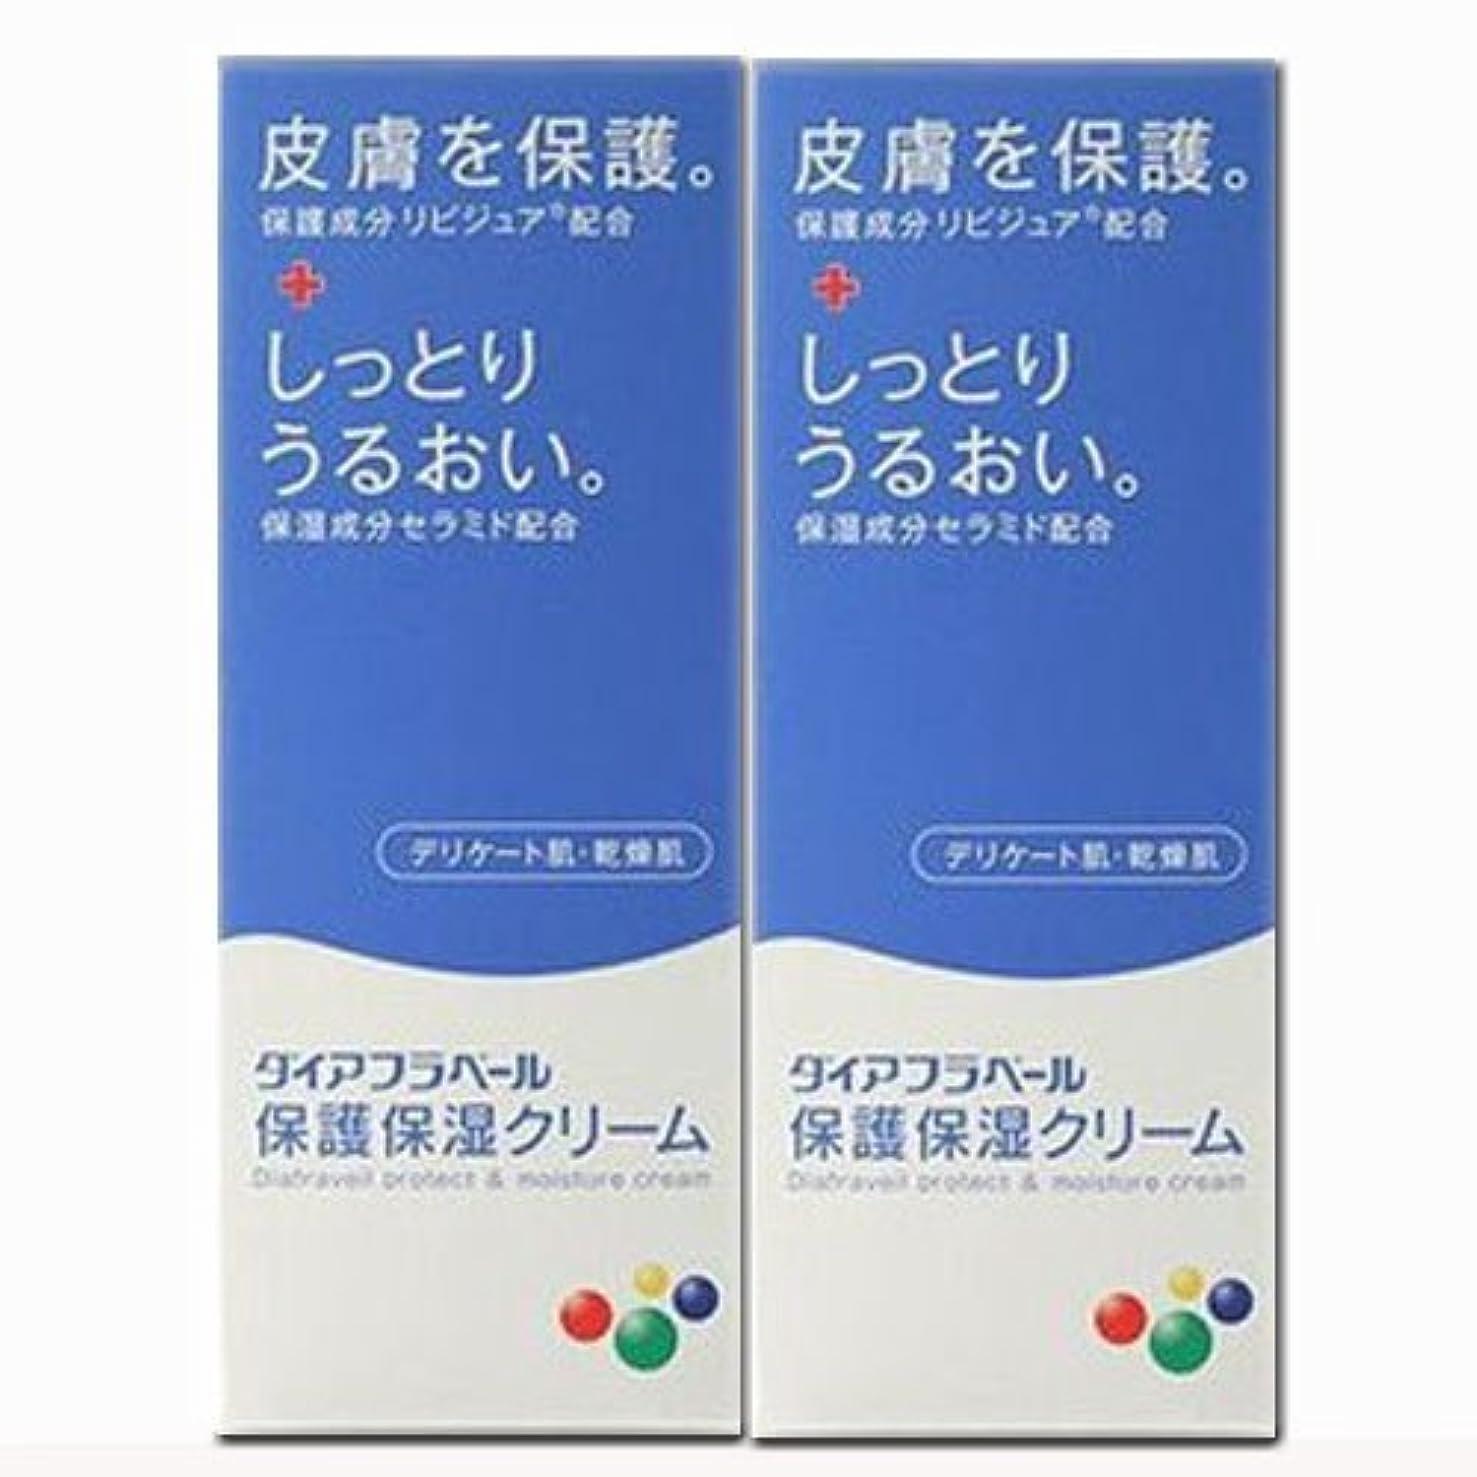 後世実装する縮れた【2個】ダイアフラベール 保護保湿クリーム 60gx2個 (4987360200539-2)